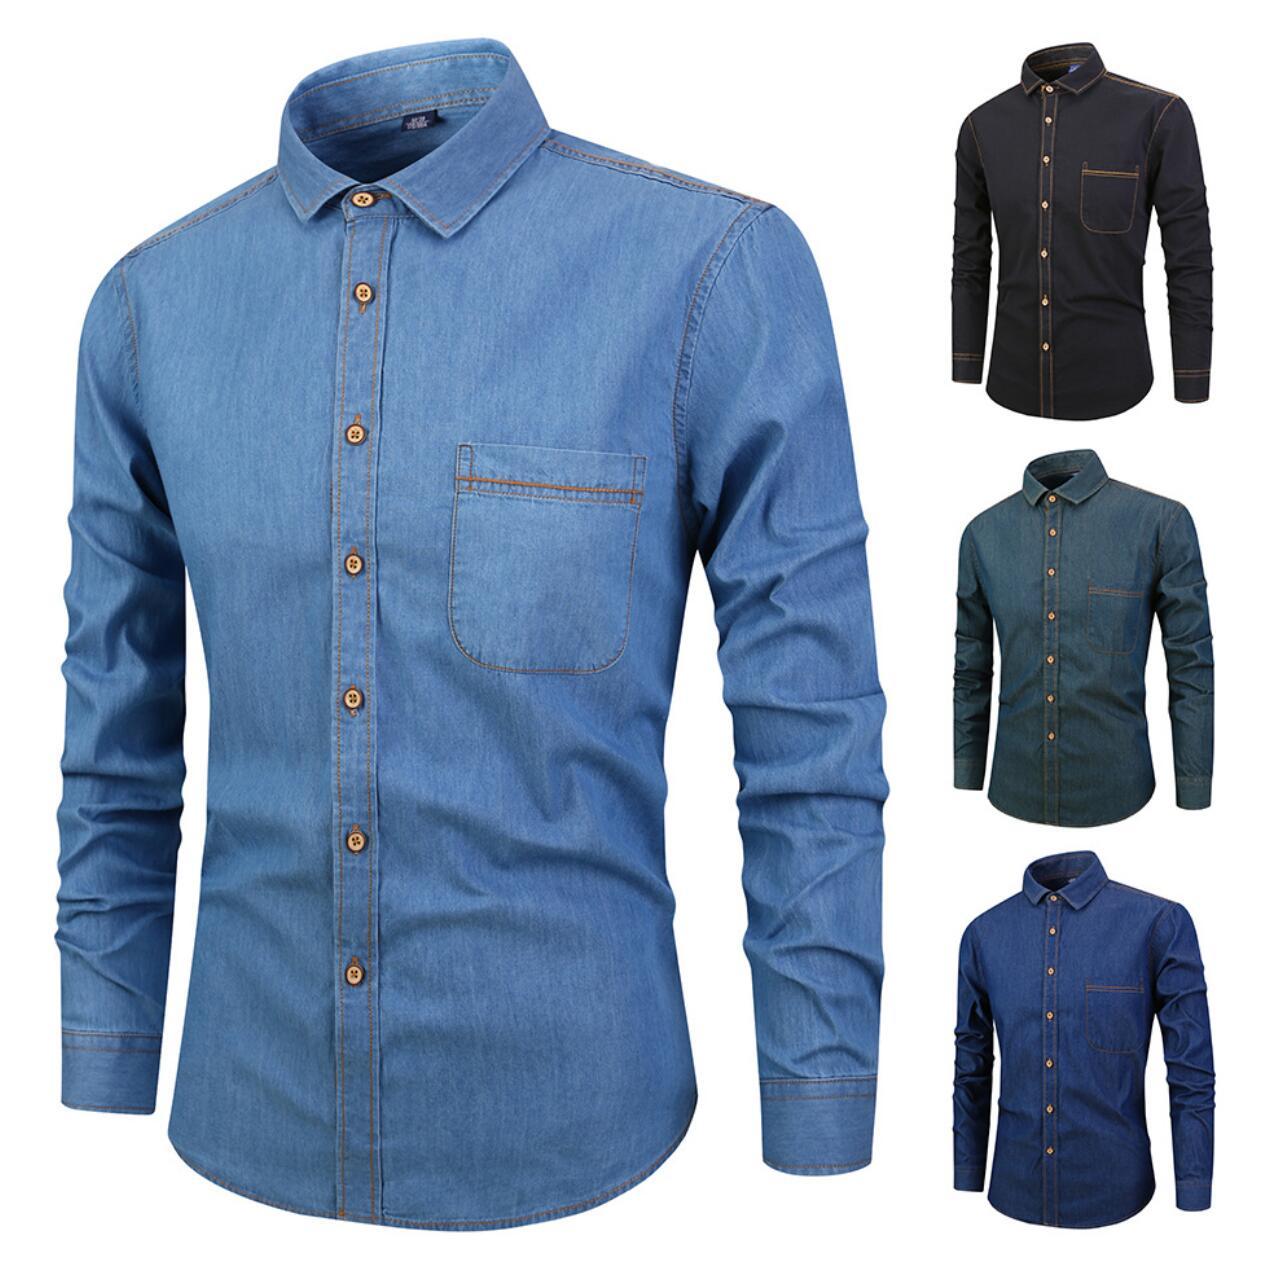 Men's autumn new 2019 cotton denim men's shirt cotton slim casual shirt men SLM717-1-12